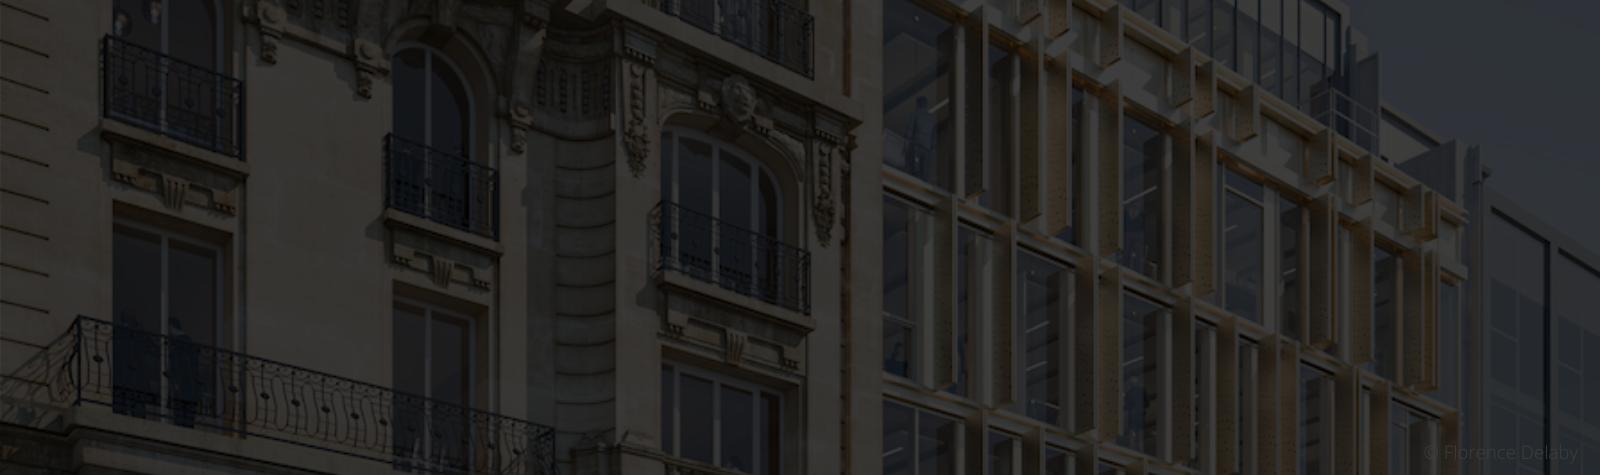 Maison Bayard commercialisée à près de 70 % avant même sa livraison en fin d'année